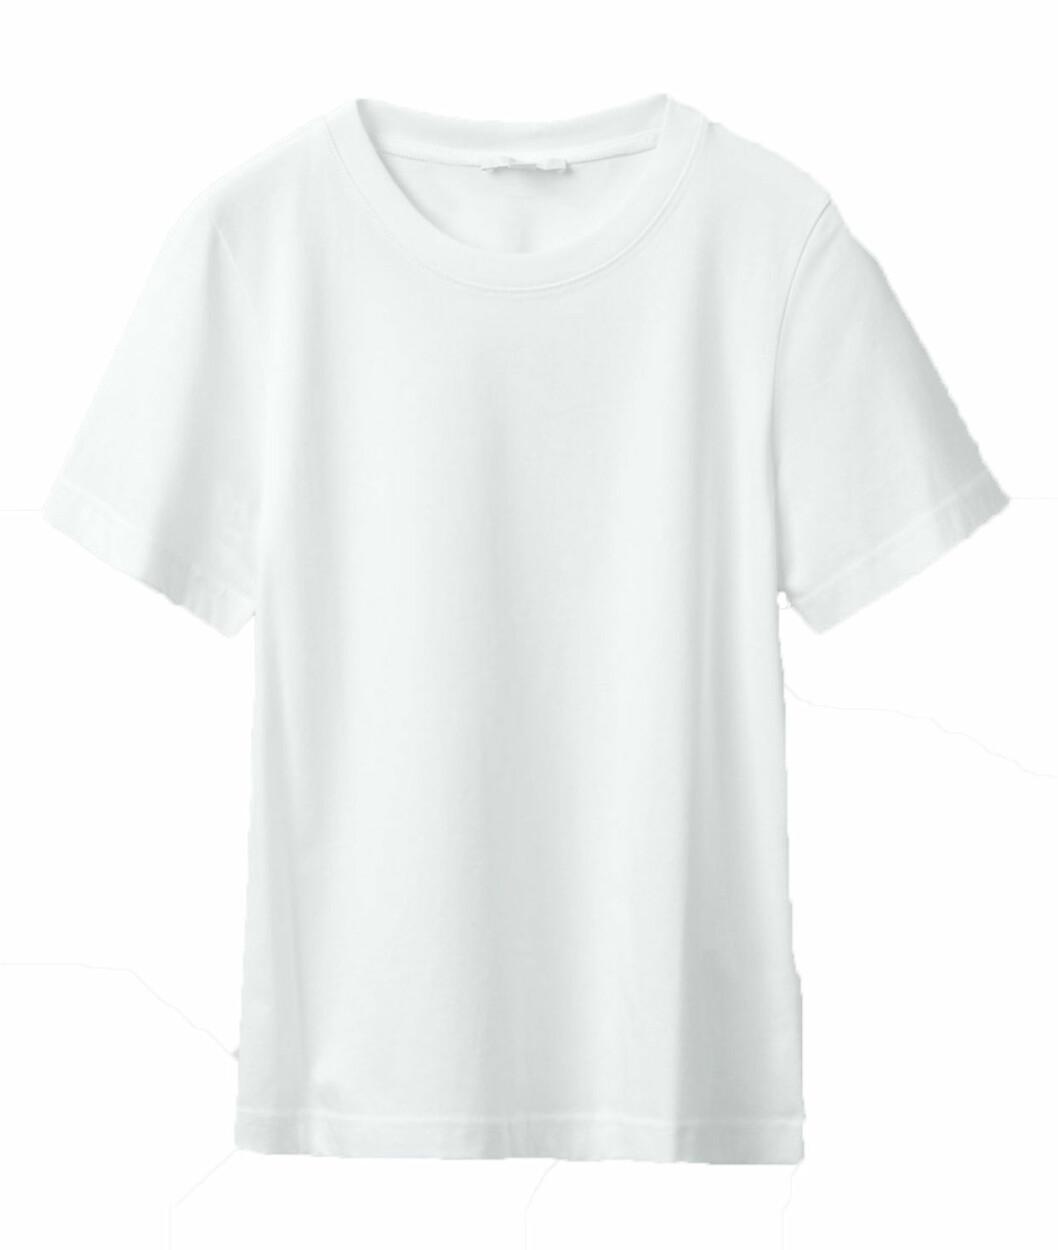 Vit t-shirt från COS